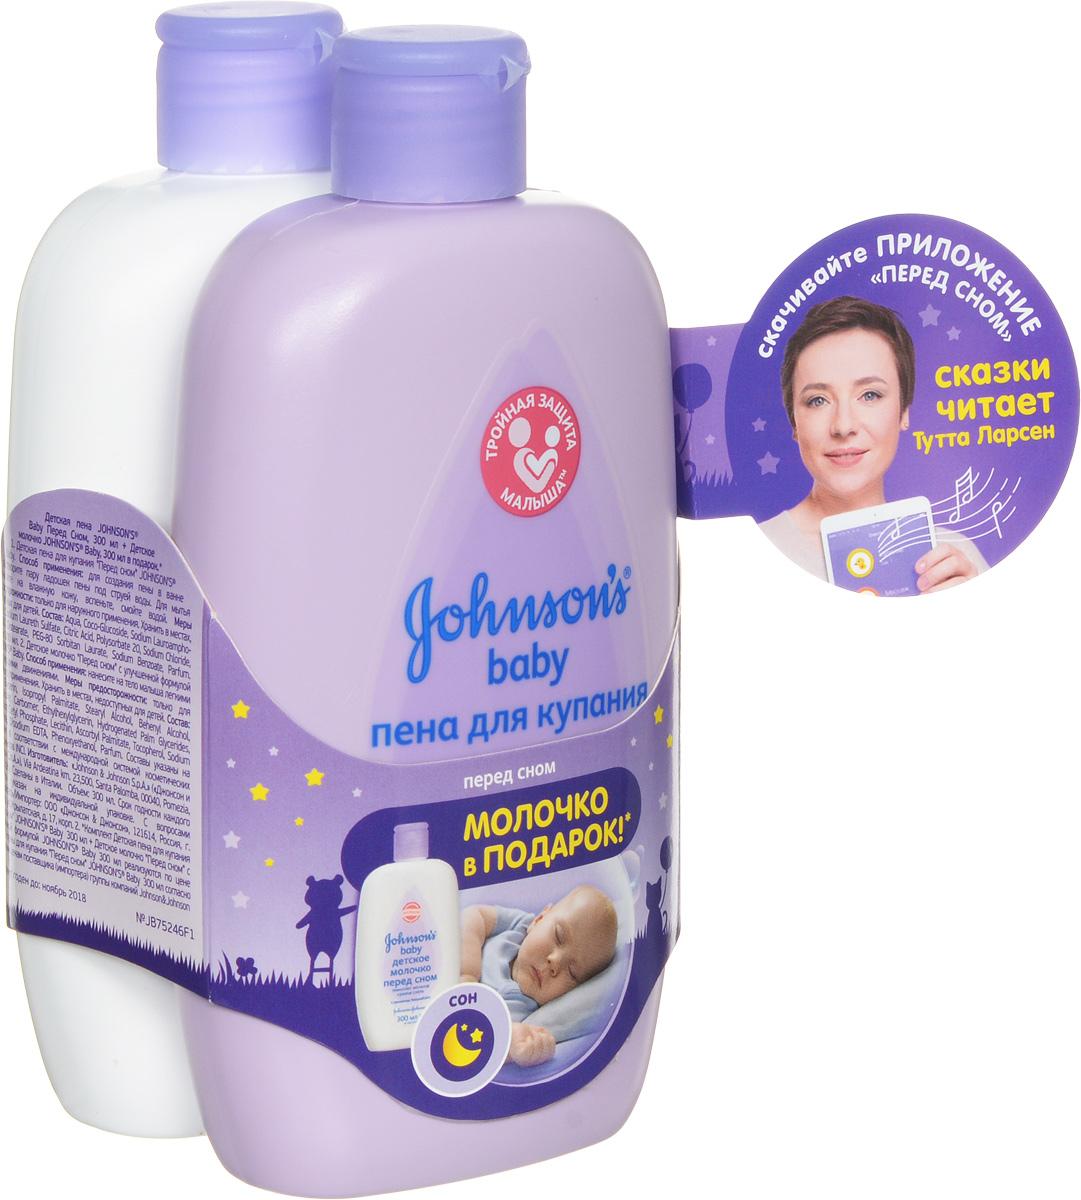 Johnsons Baby Набор Перед сном Пена для купания + Детское молочко